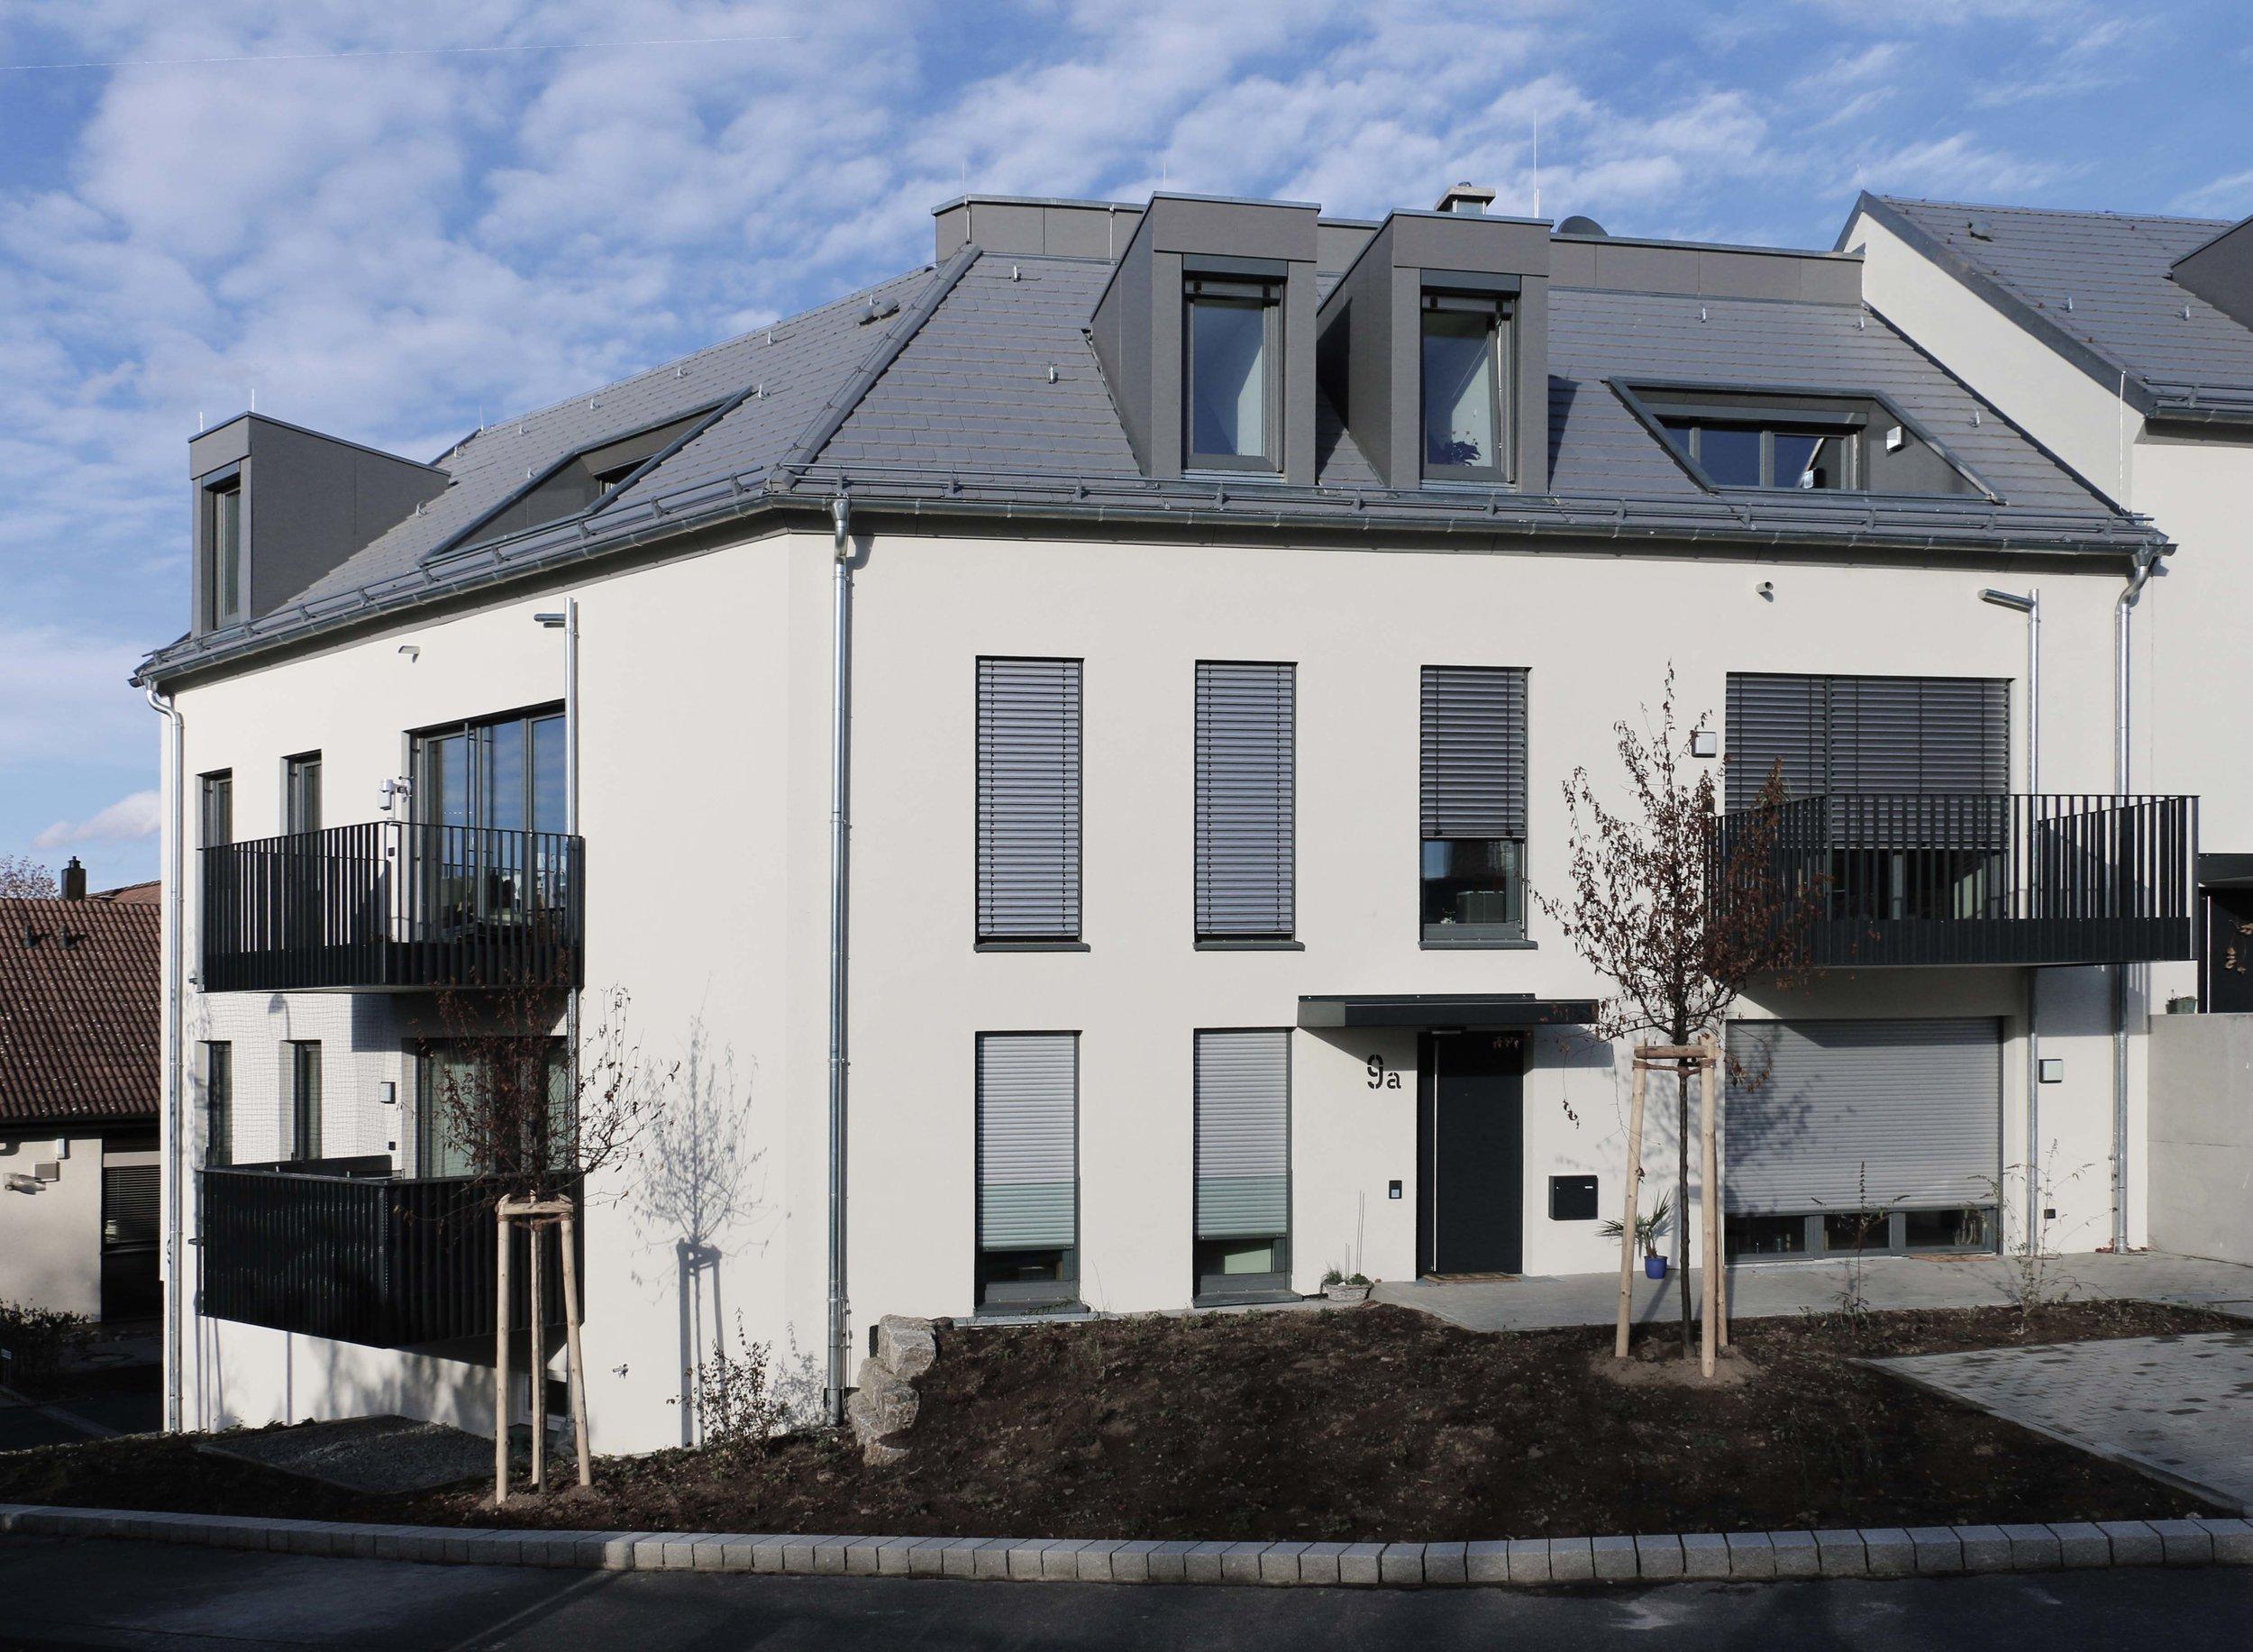 Das gezeigte Projekt wurde von Norbert Geisel als Geschäftsführer und Gesellschafter bei der GKP Braunschmidt + Geisel und Kurz Architekten GmbH bearbeitet.